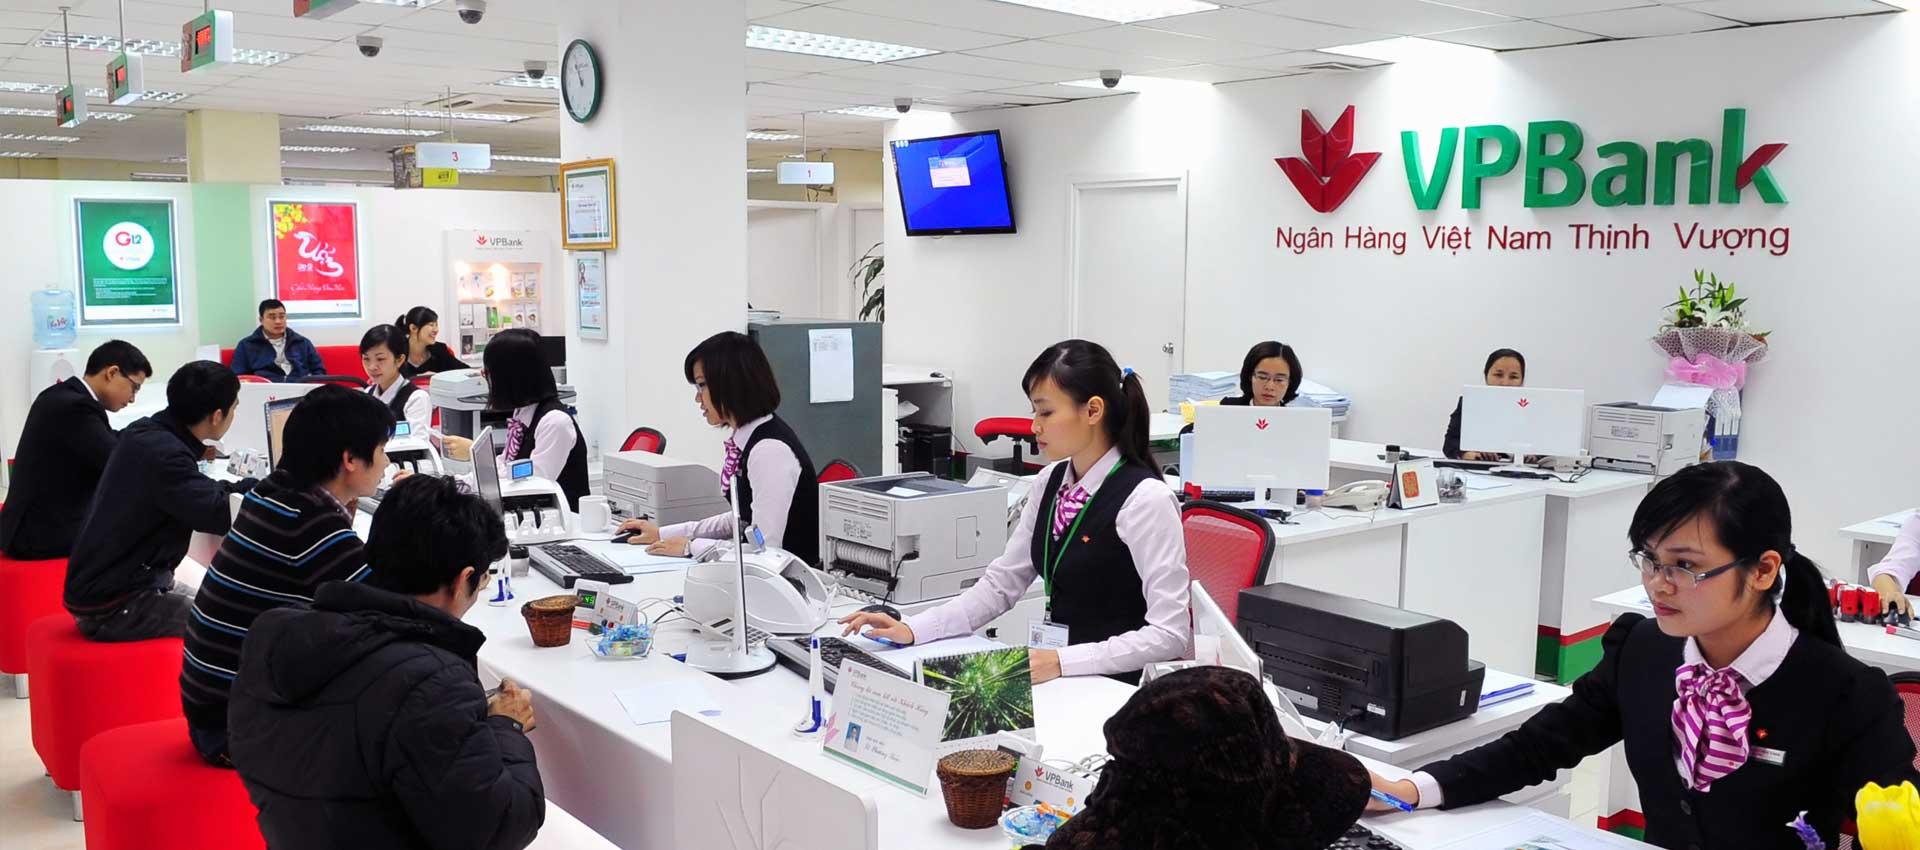 Thông tin tổng quan, khó khăn và kết quả đạt được của dự án VPBank